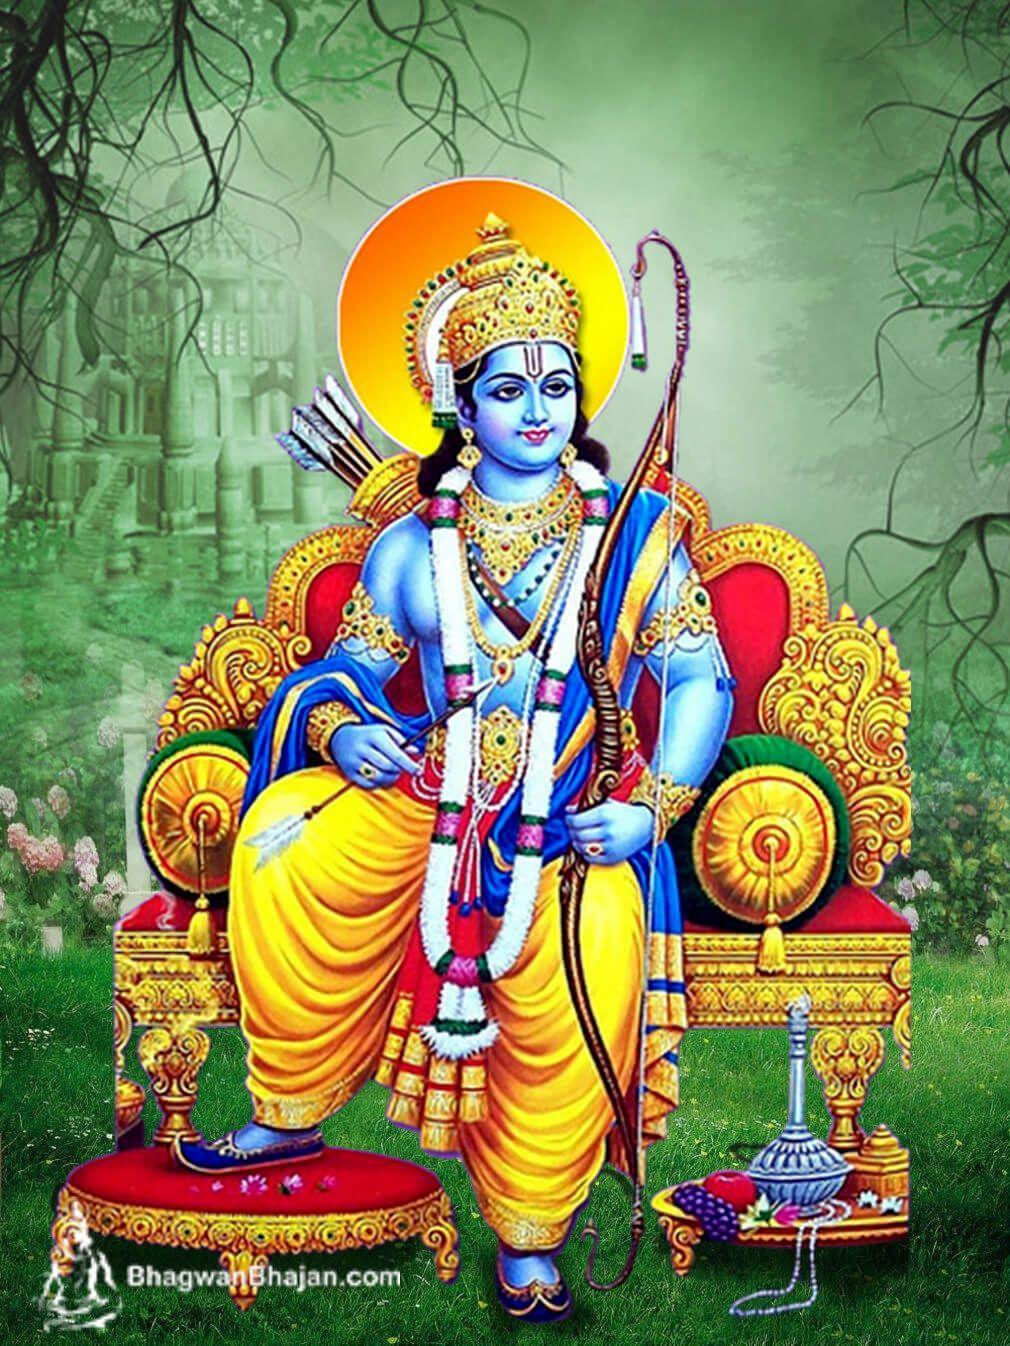 1010x1346 Tải xuống Hình nền HD miễn phí của Shree ram / ramji.  Ayodhyapati